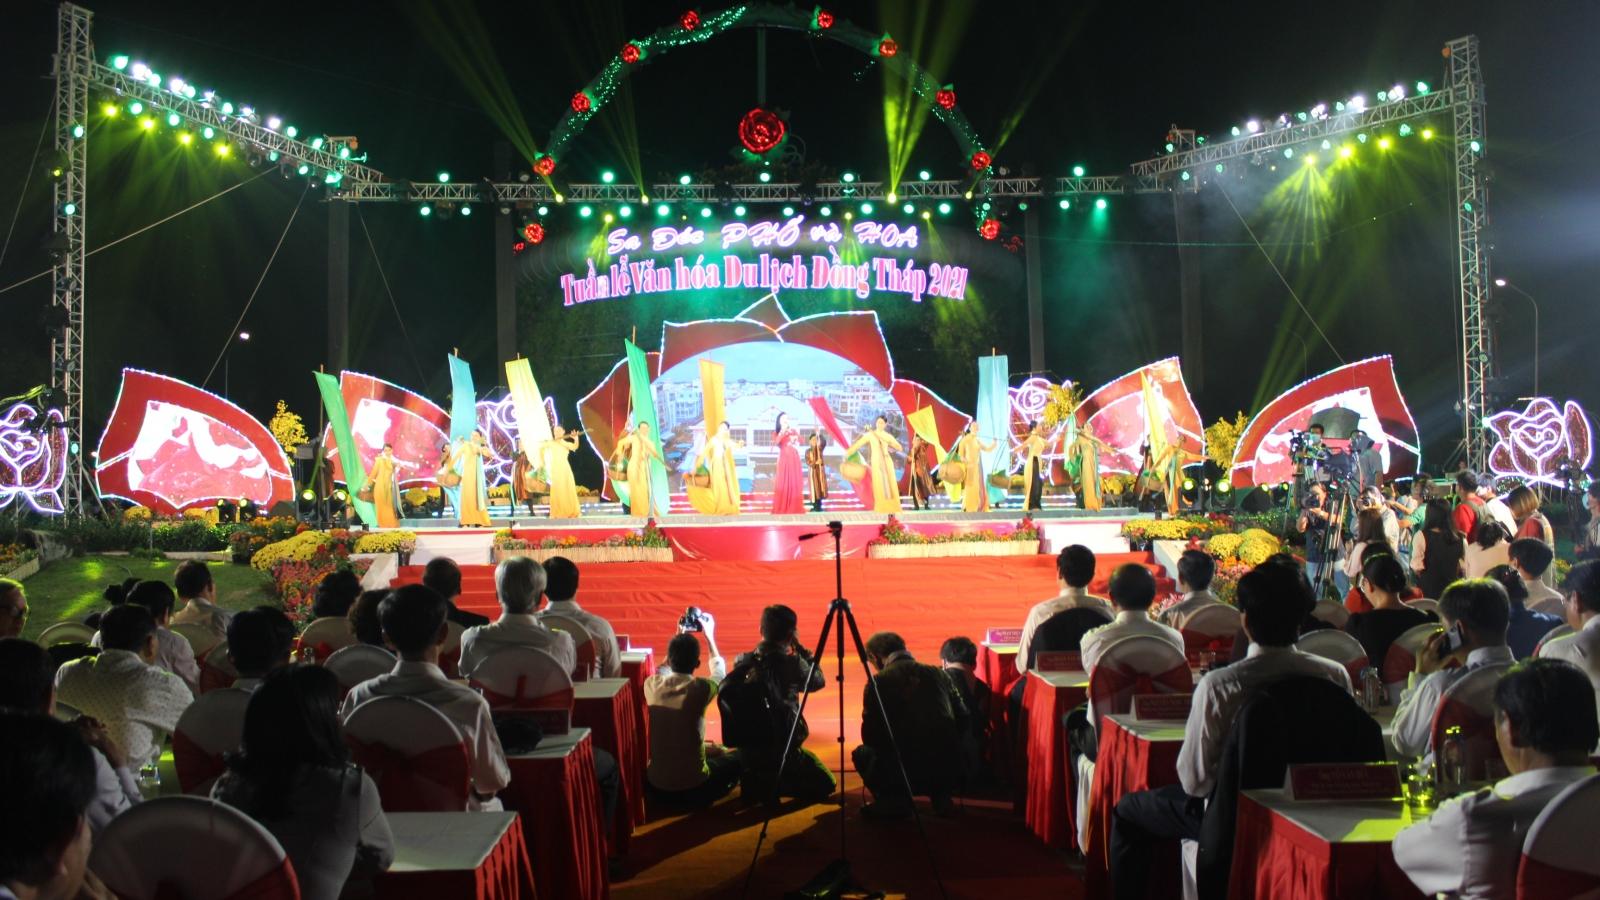 Hơn 200.000 lượt khách đến với Tuần lễ văn hóa Du lịch tỉnh Đồng Tháp 2021